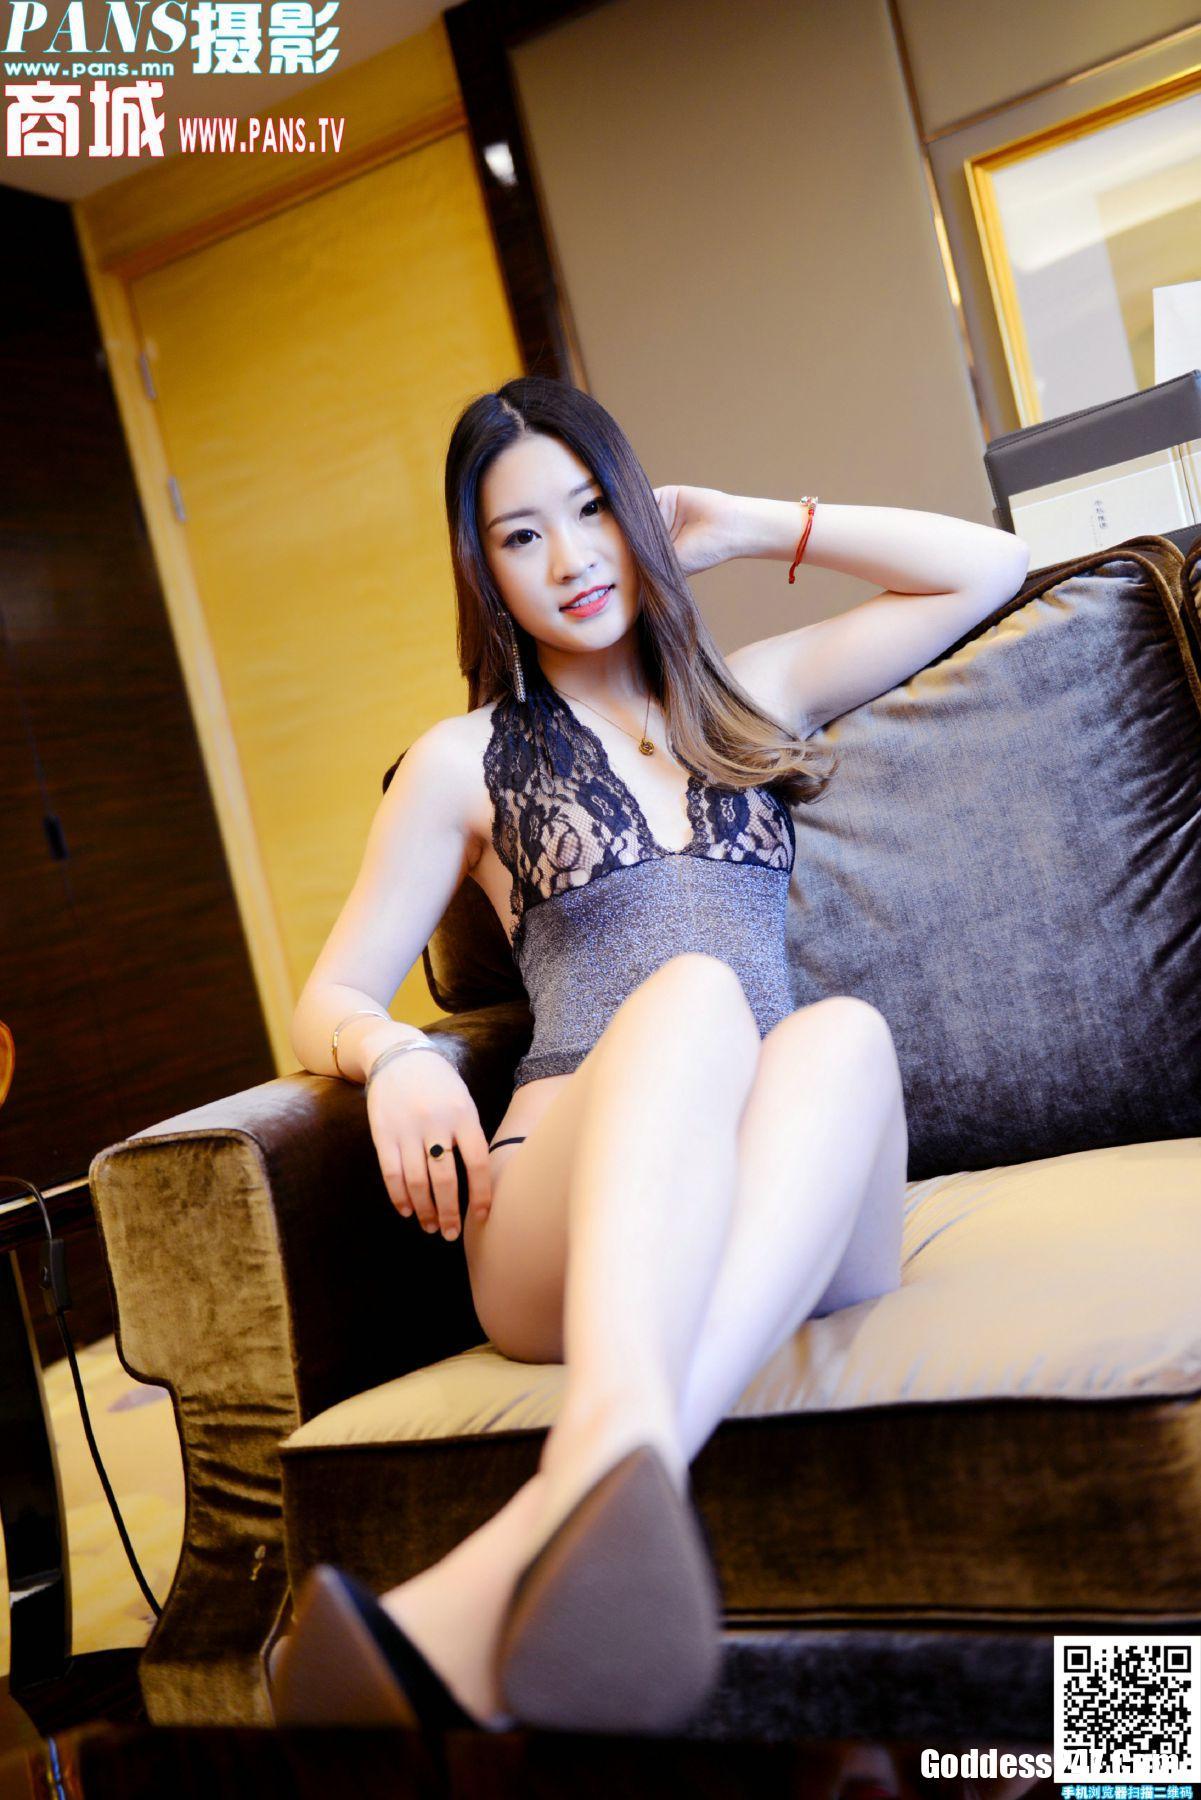 淘淘, Tao Tao, PANS写真 No.1329 淘淘, PANS写真 No.1329